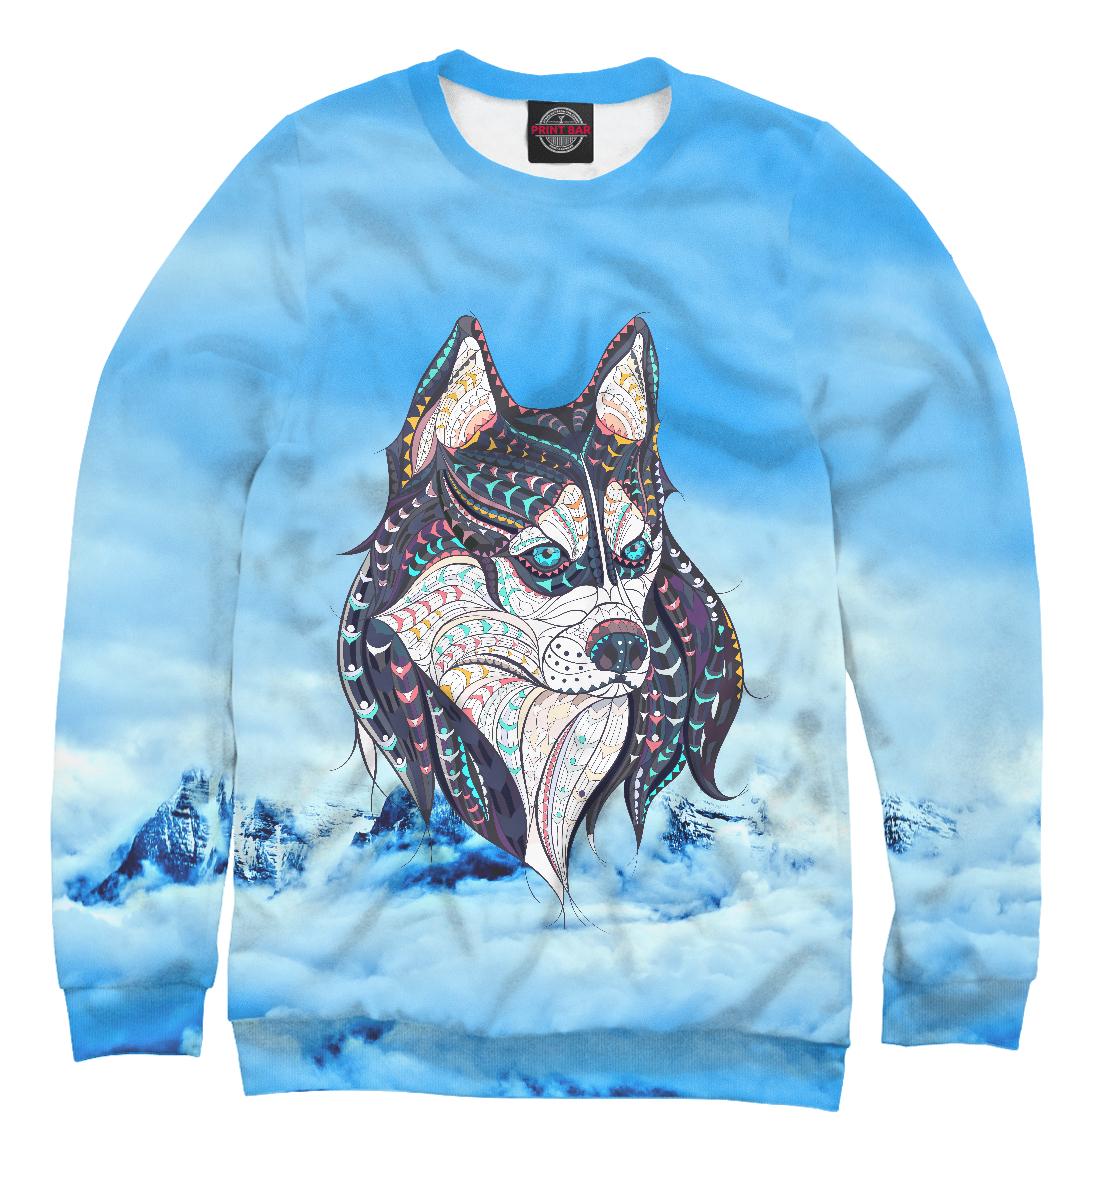 Купить Siberian Husky, Printbar, Свитшоты, DOG-759984-swi-2